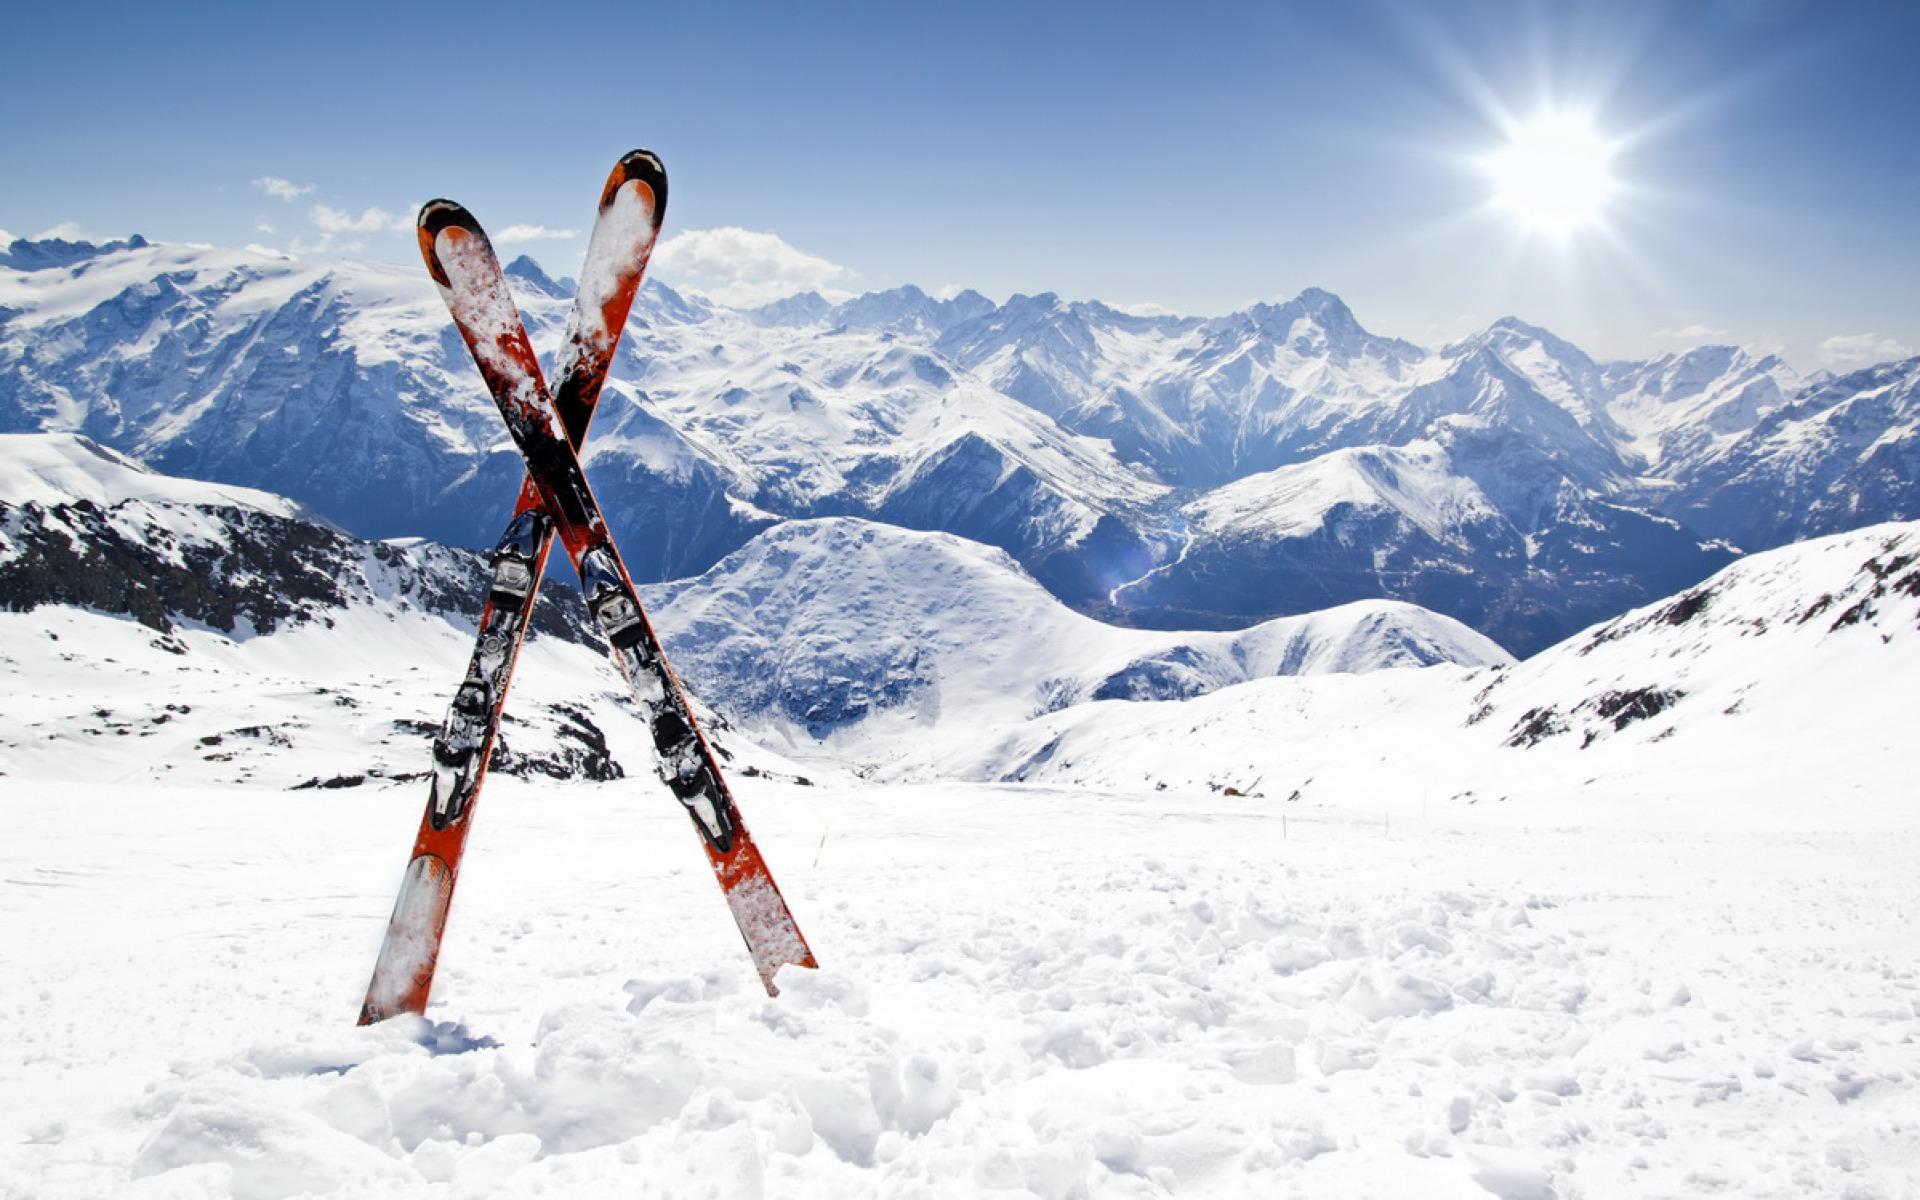 """Résultat de recherche d'images pour """"image ski montagne"""""""